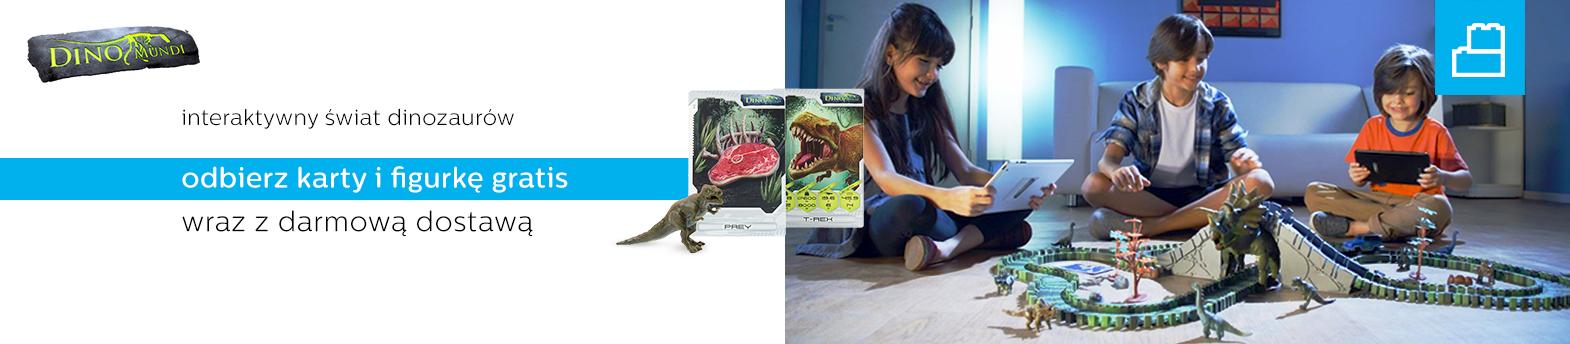 Dino Mundi karty i dostawa gratis